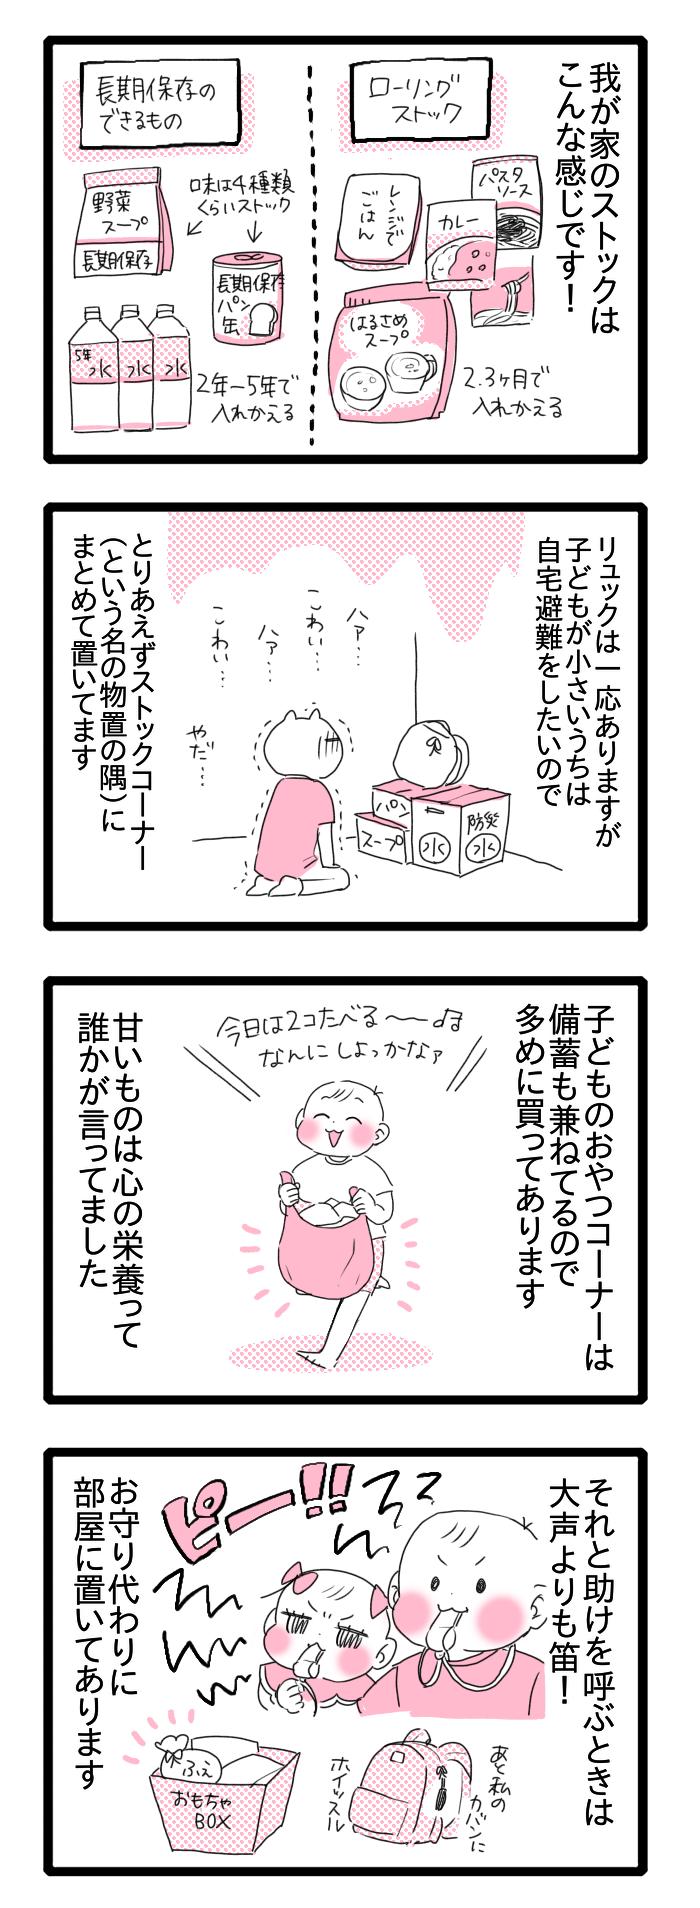 子どもが生まれて、防災意識が高まった。静岡県民の私が心がけていることの画像3